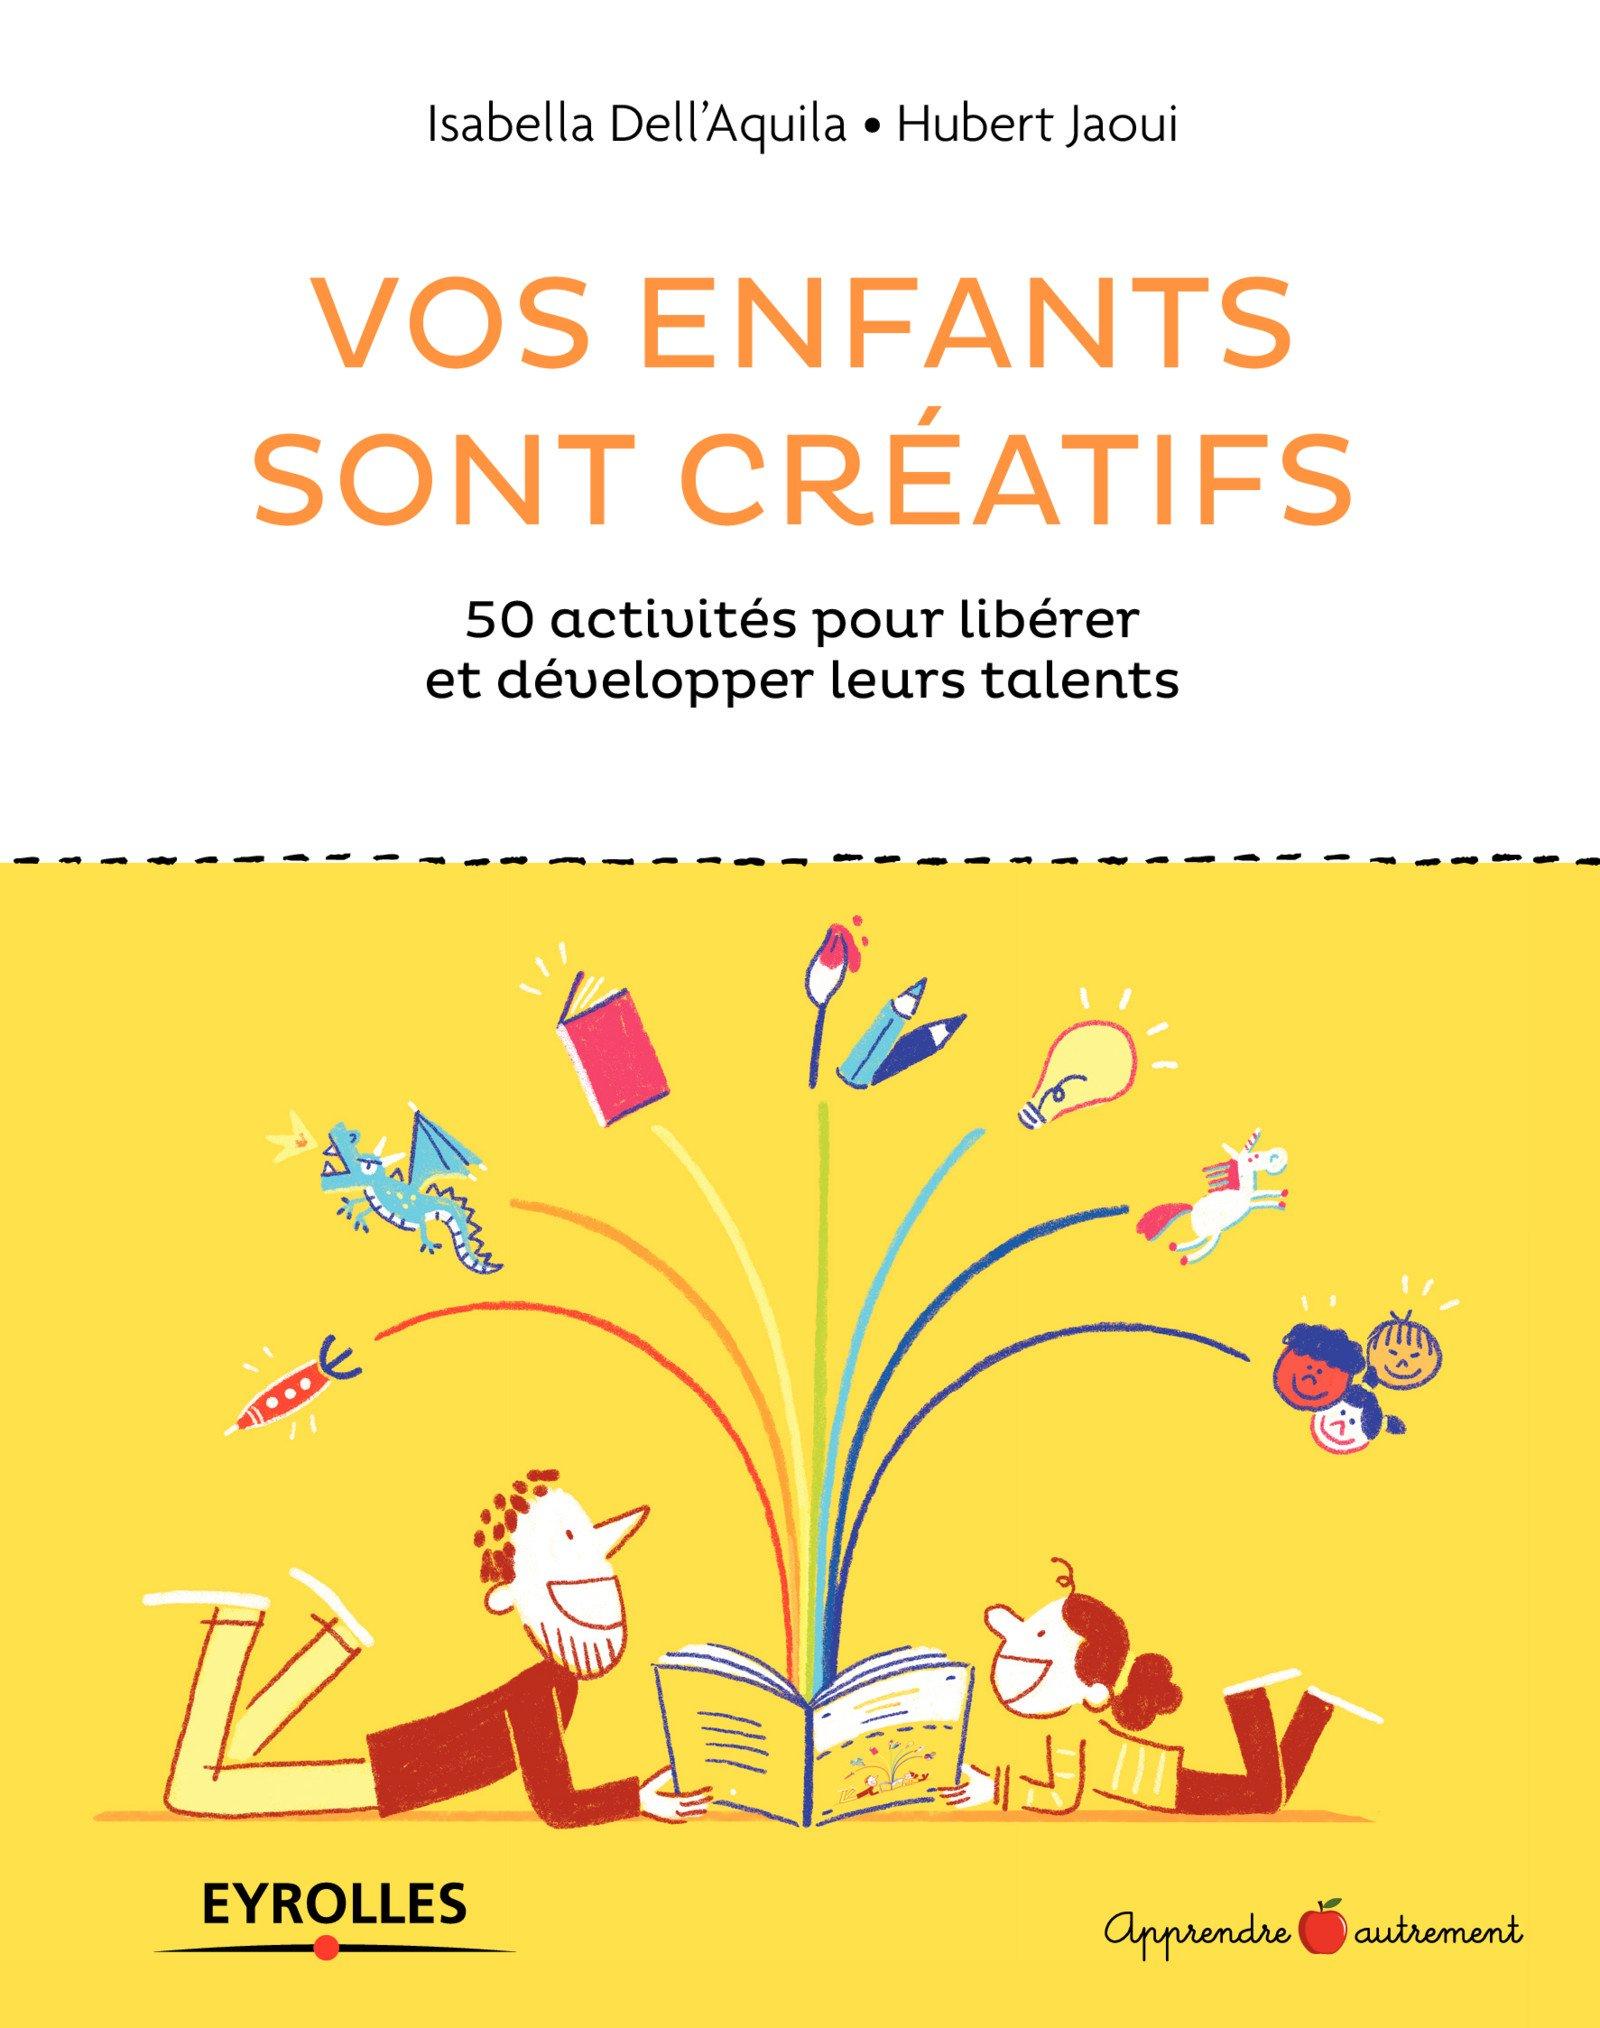 vos enfants sont créatifs livre créativité enfants